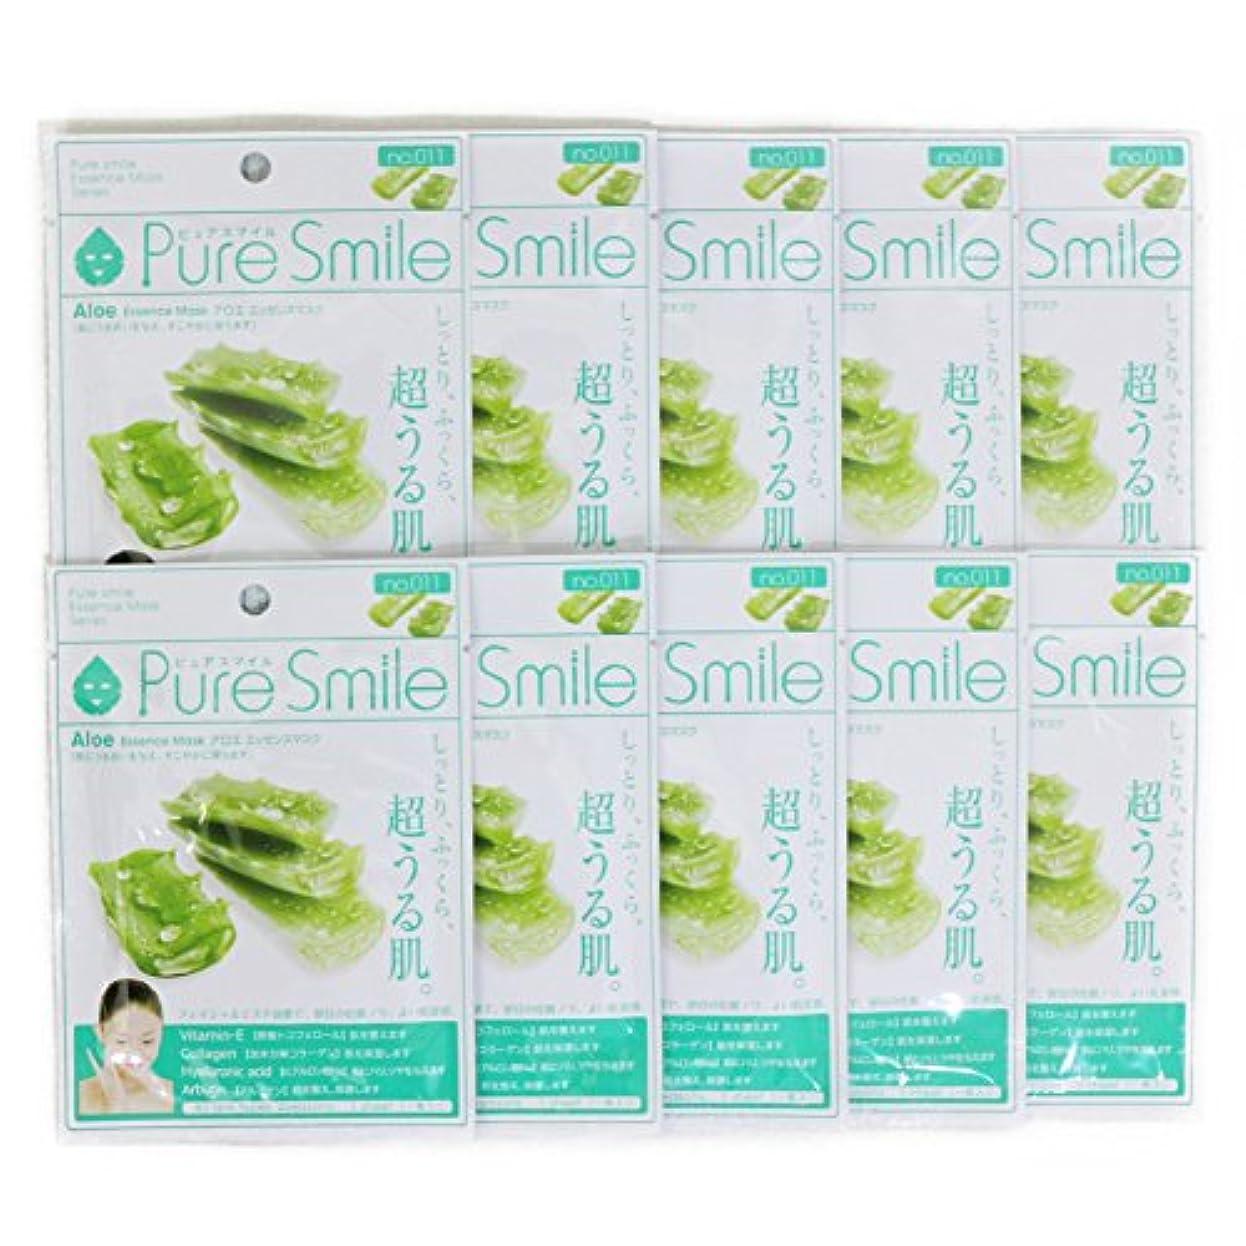 潤滑する所有権ぜいたくPure Smile ピュアスマイル エッセンスマスク アロエ 10枚セット